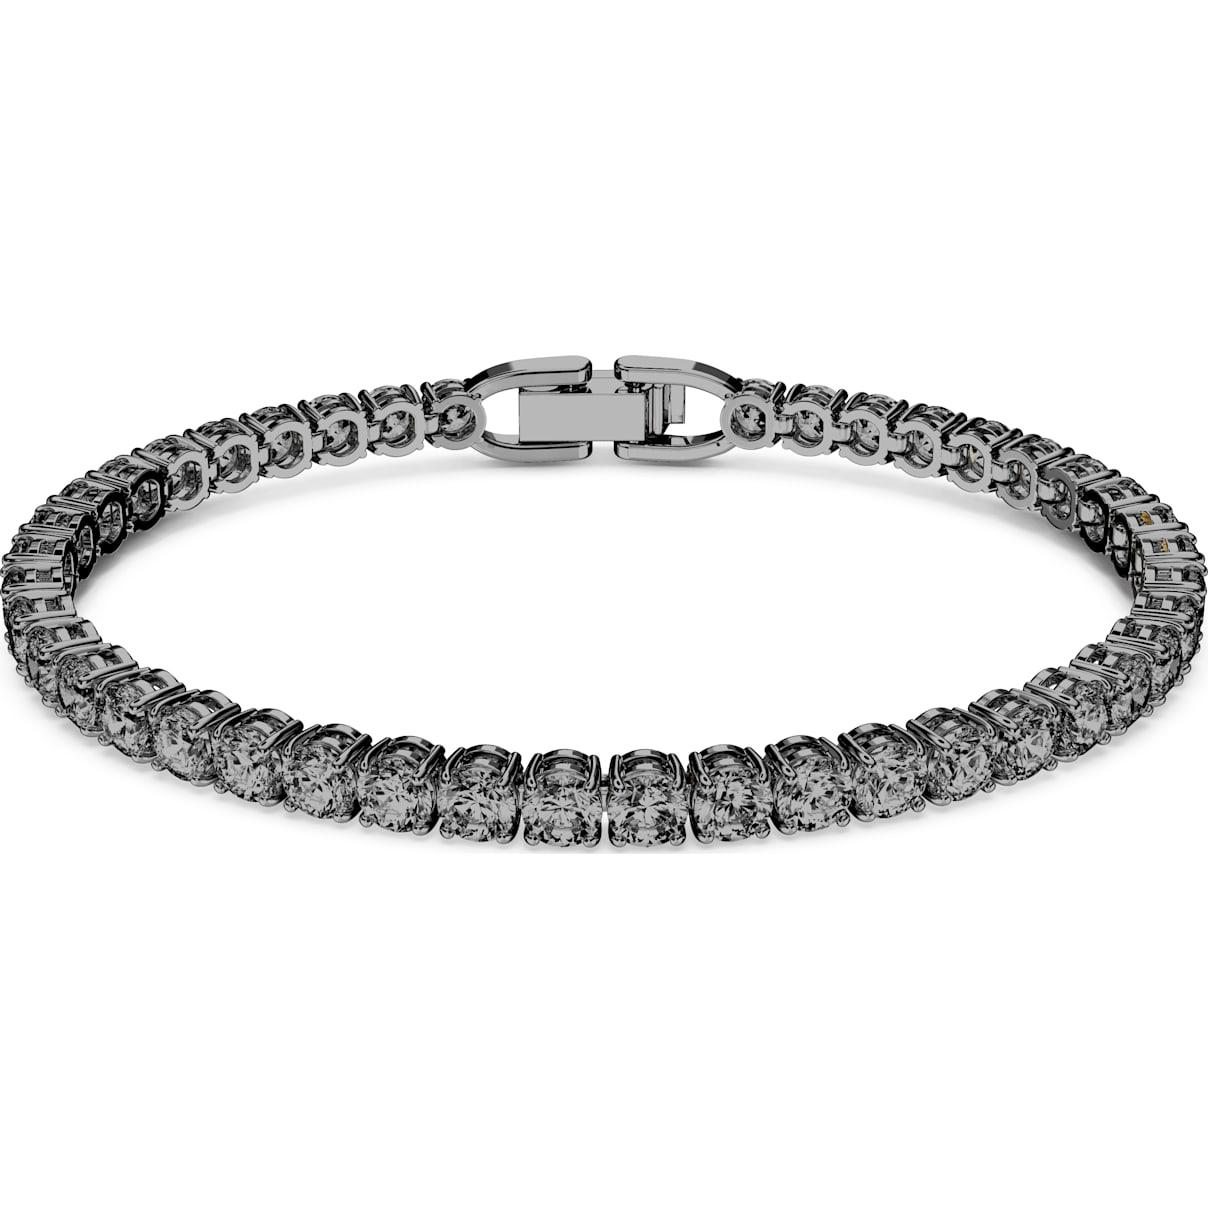 Swarovski Tennis Deluxe Bracelet, Gray, Ruthenium plated